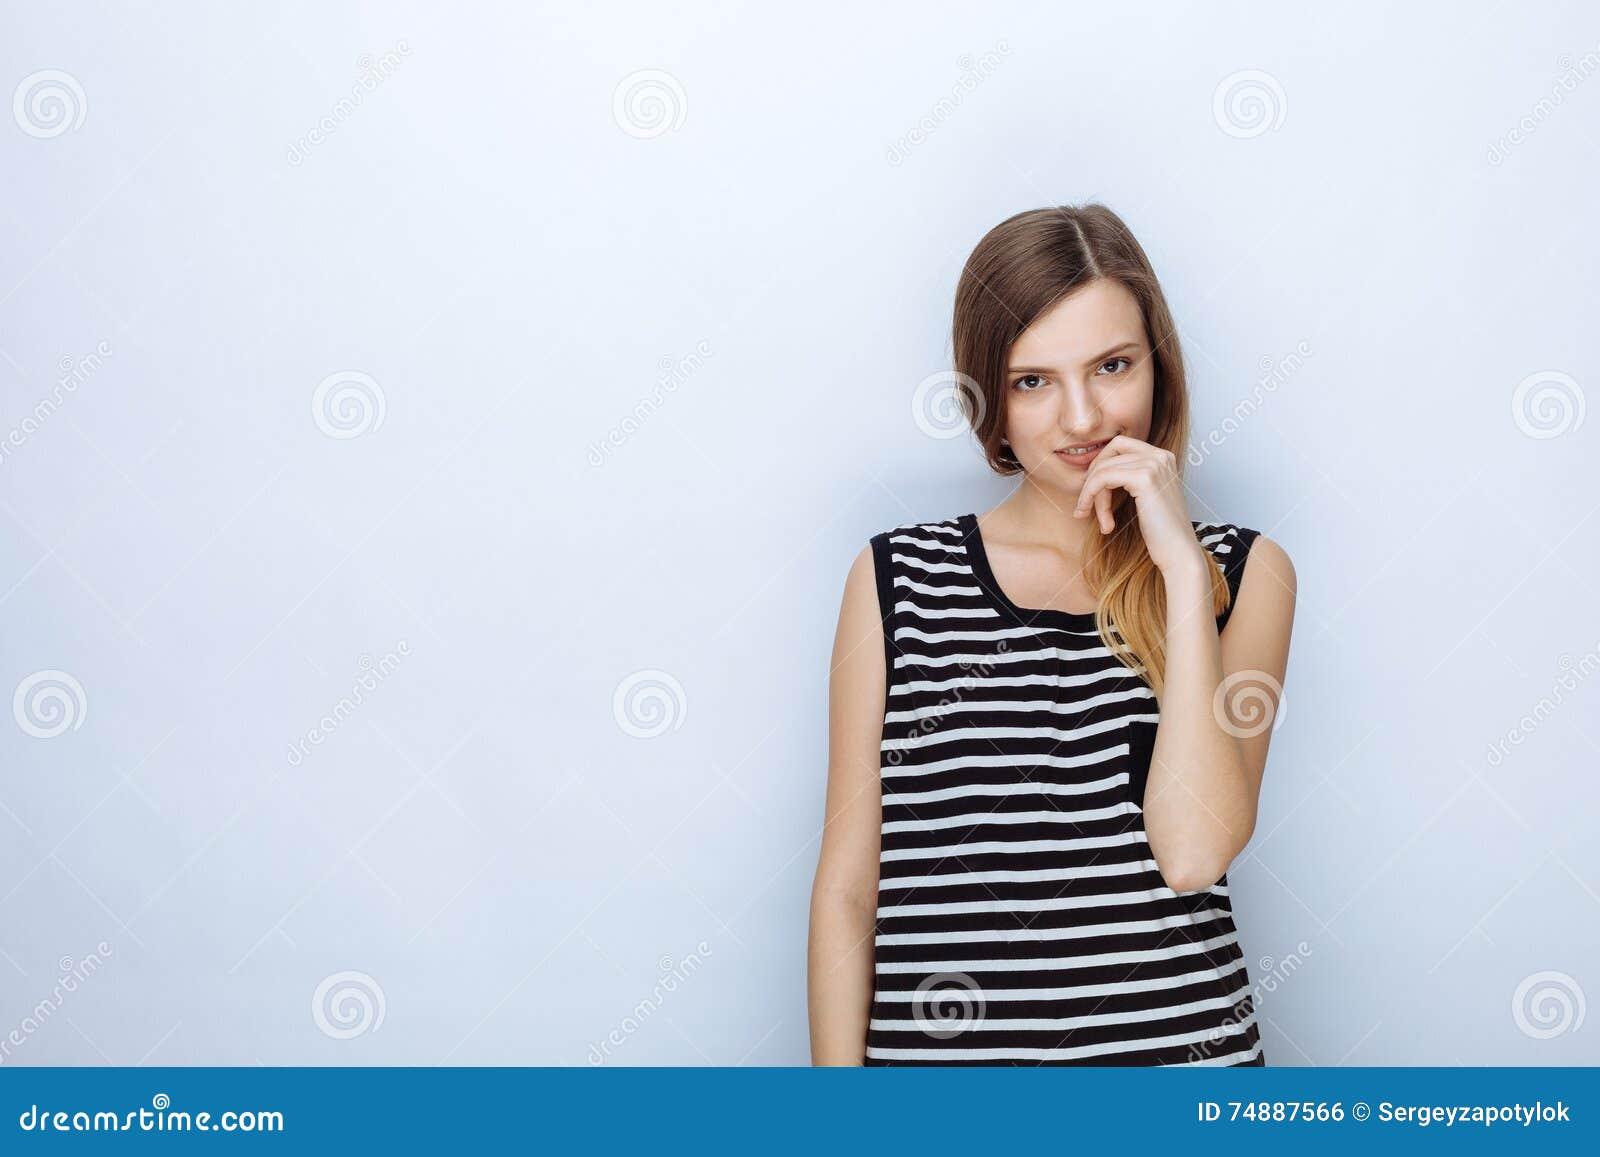 Retrato da mulher bonita nova feliz em camisa listrada que levanta para os testes modelo contra o fundo branco do estúdio